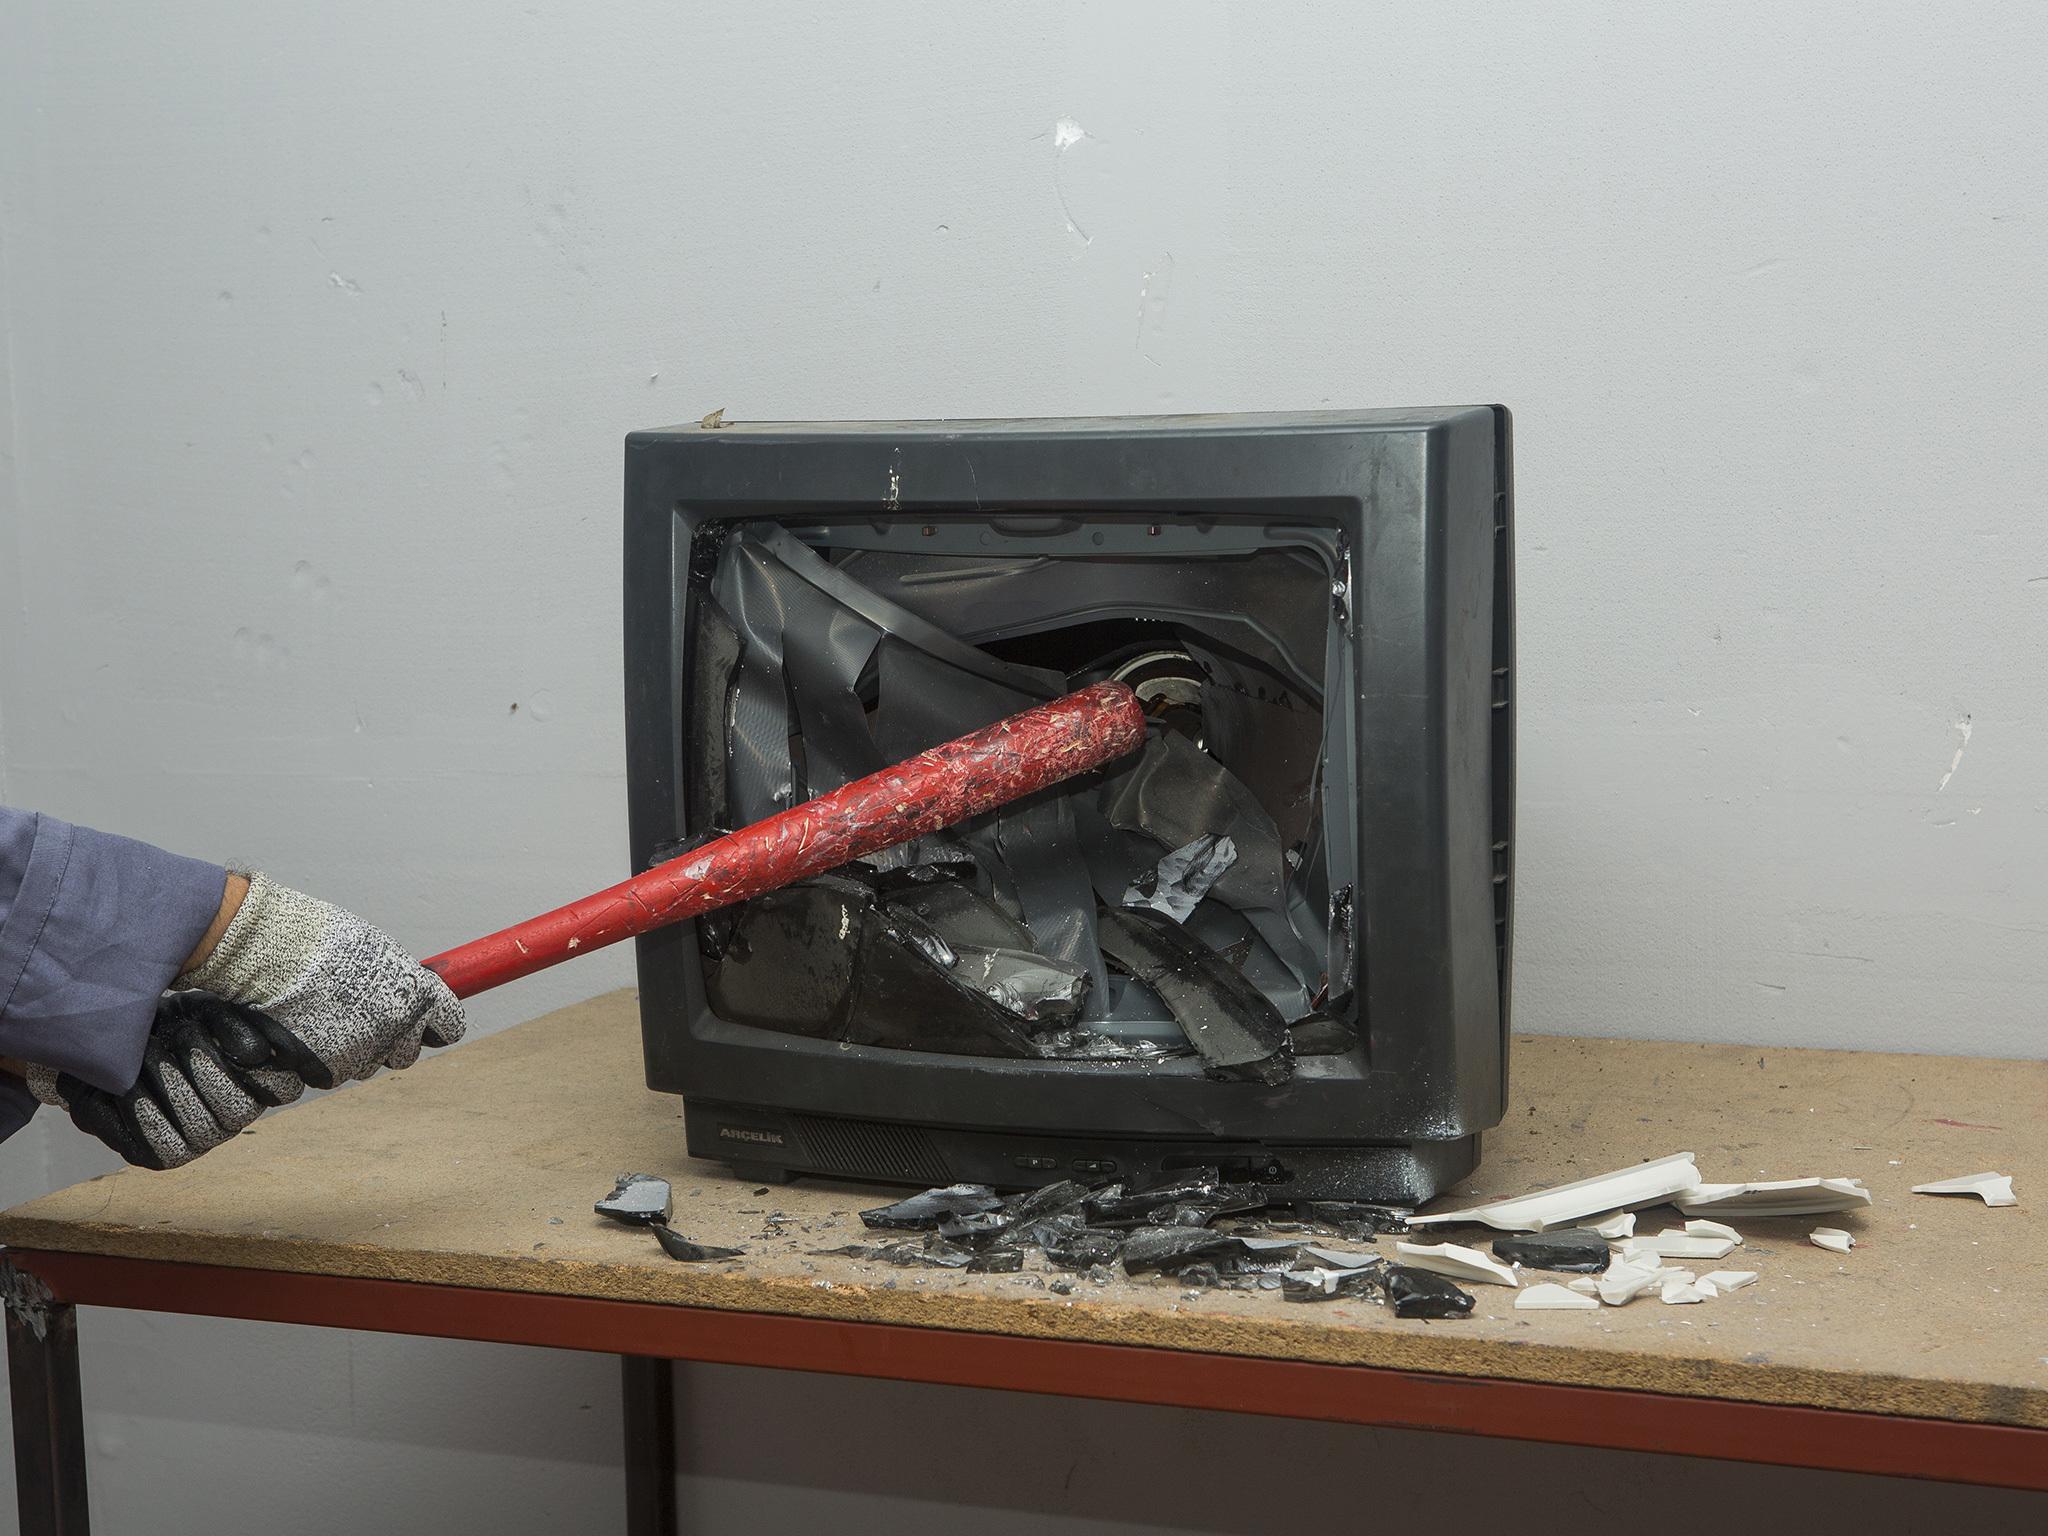 Deşarj Odası'ndaki eşyaları parçalamak serbest